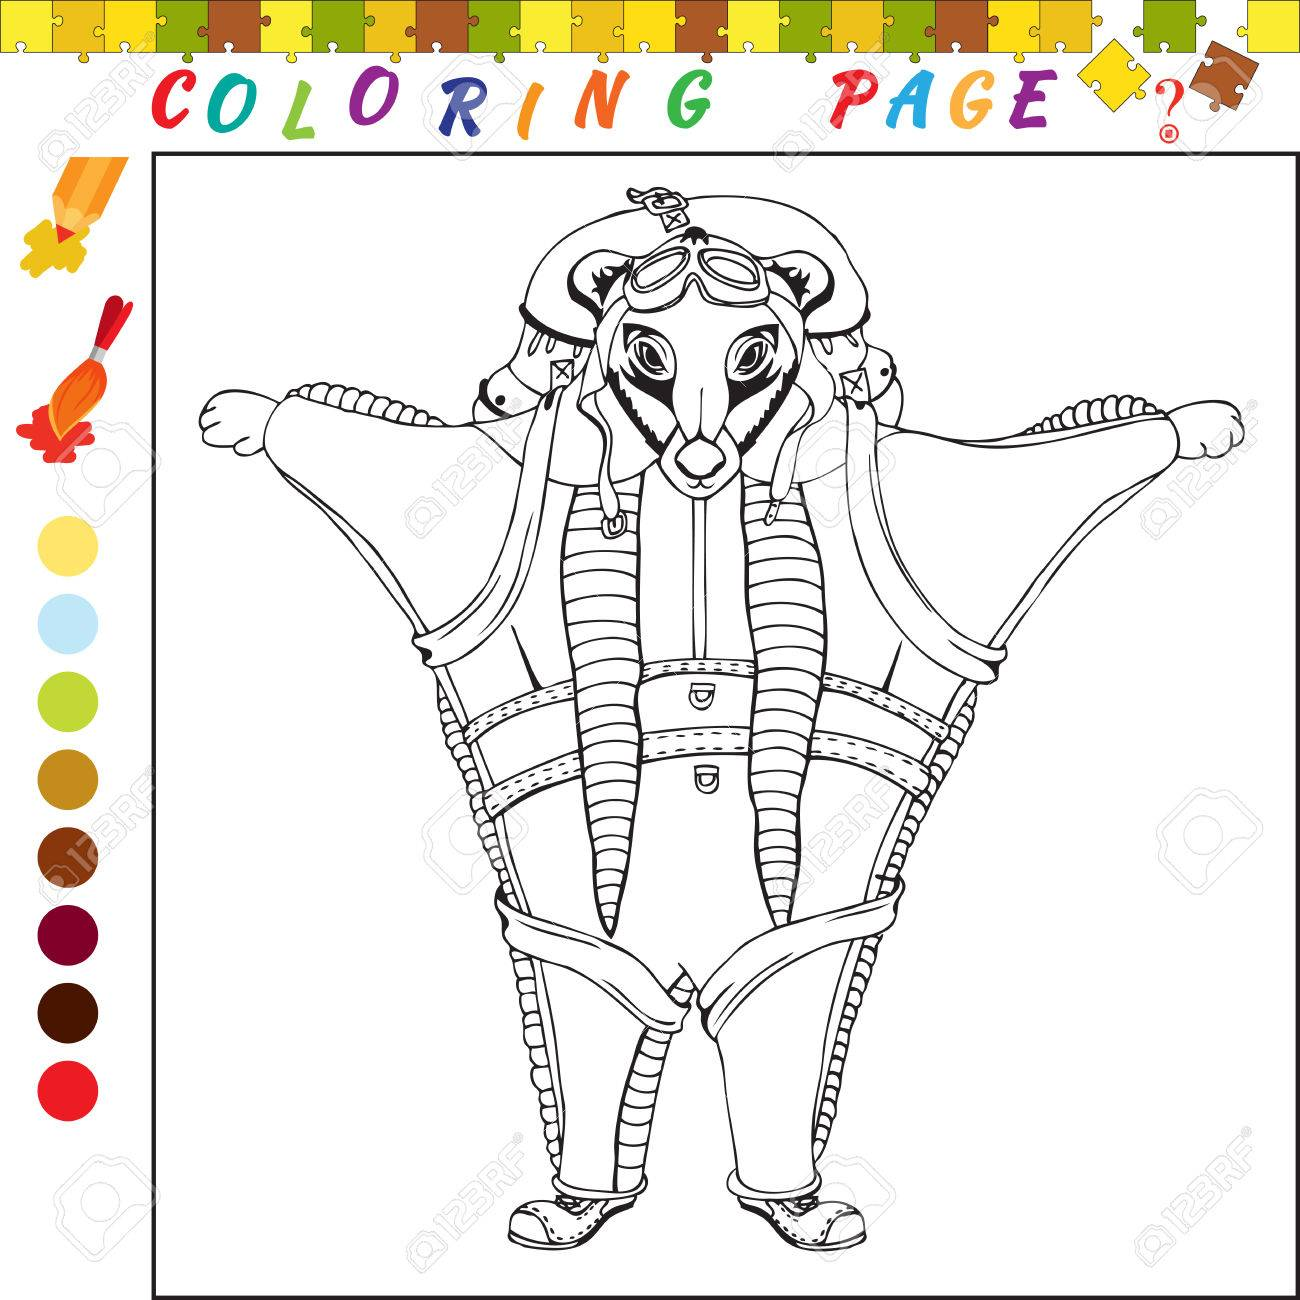 Livre De Coloriage Avec Le Theme Des Animaux Illustration De Contour Noir Et Blanc Pour La Coloration Jeu Visuel Pour Enfants Et Enfants D Age